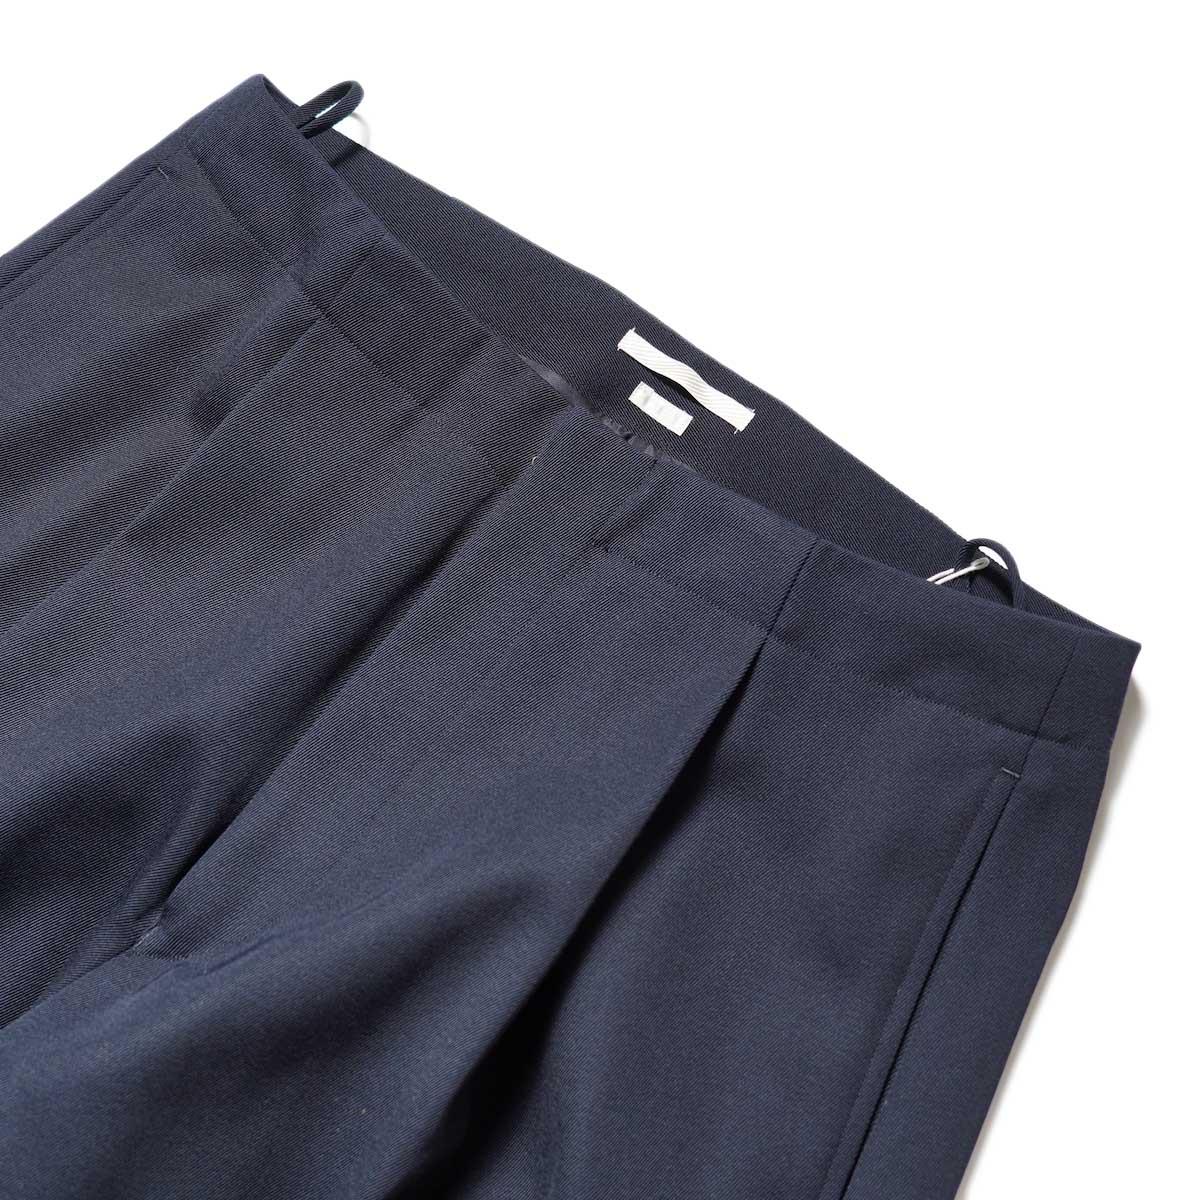 Blurhms / Wool Surge Super Wide Easy Slacks (Dark Navy)ウエスト、1タック